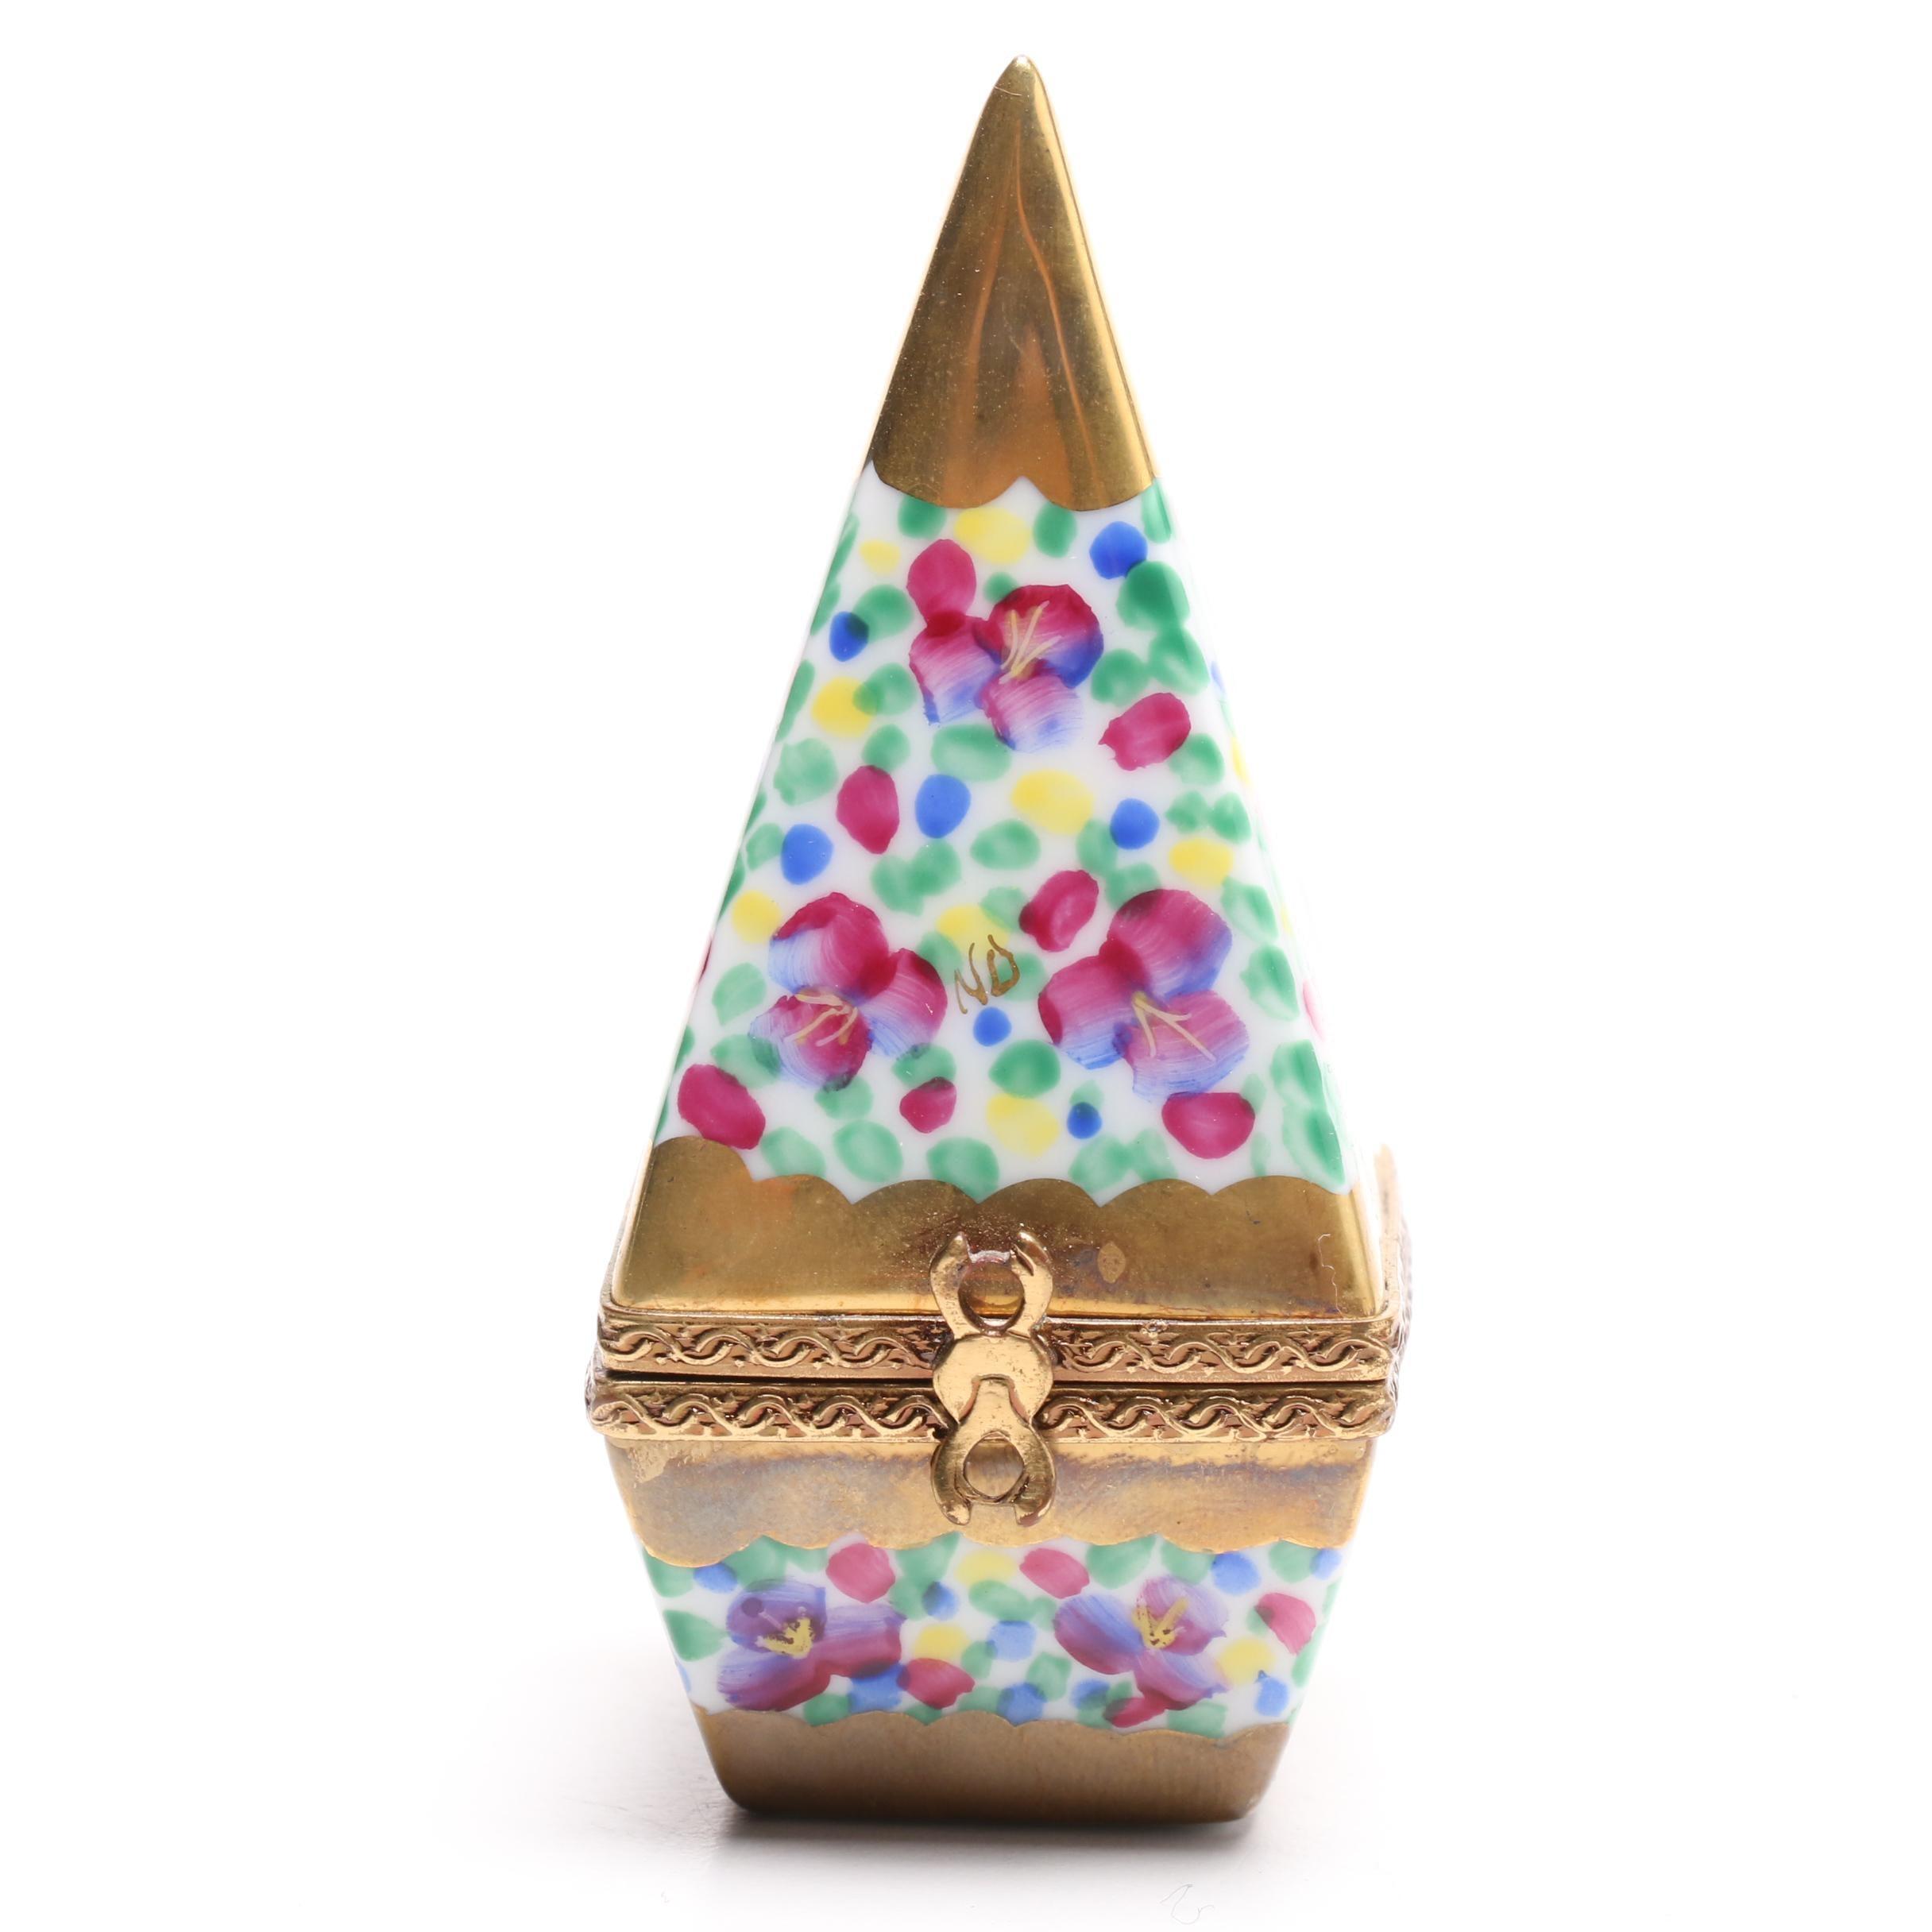 Limoges Porcelain Obelisk Trinket Box